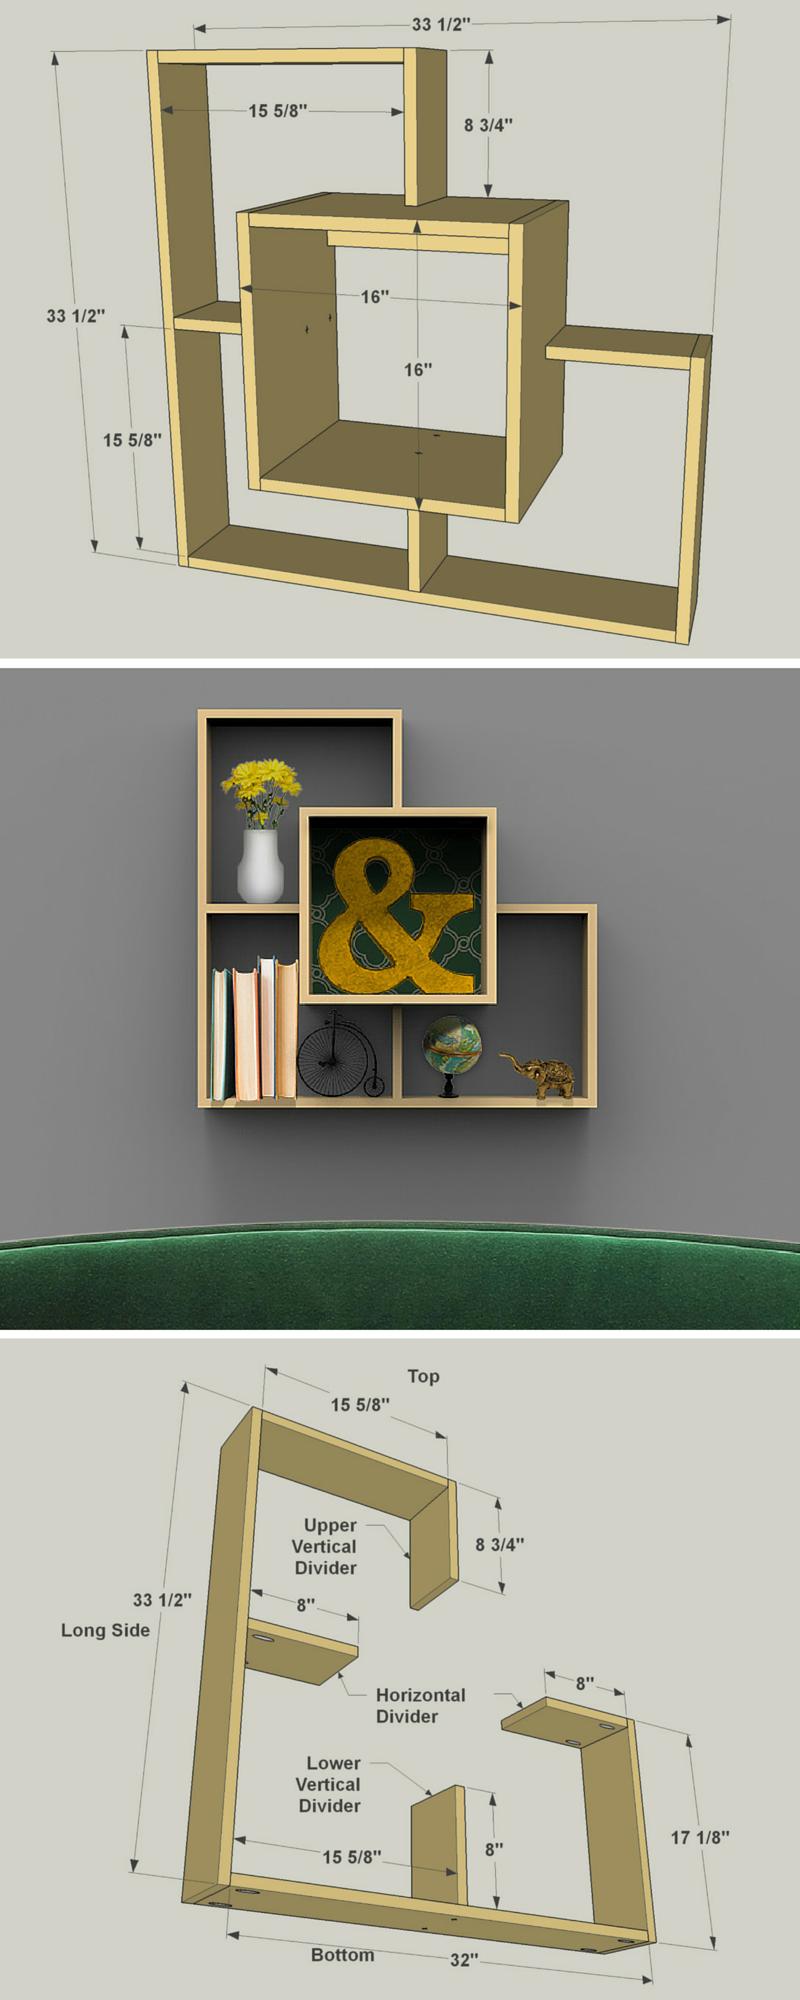 Teds Woodworking Plans Review Bricolage Meubles Et Bois # Dessin Meuble Tv Bois Pin Avec Le Vus